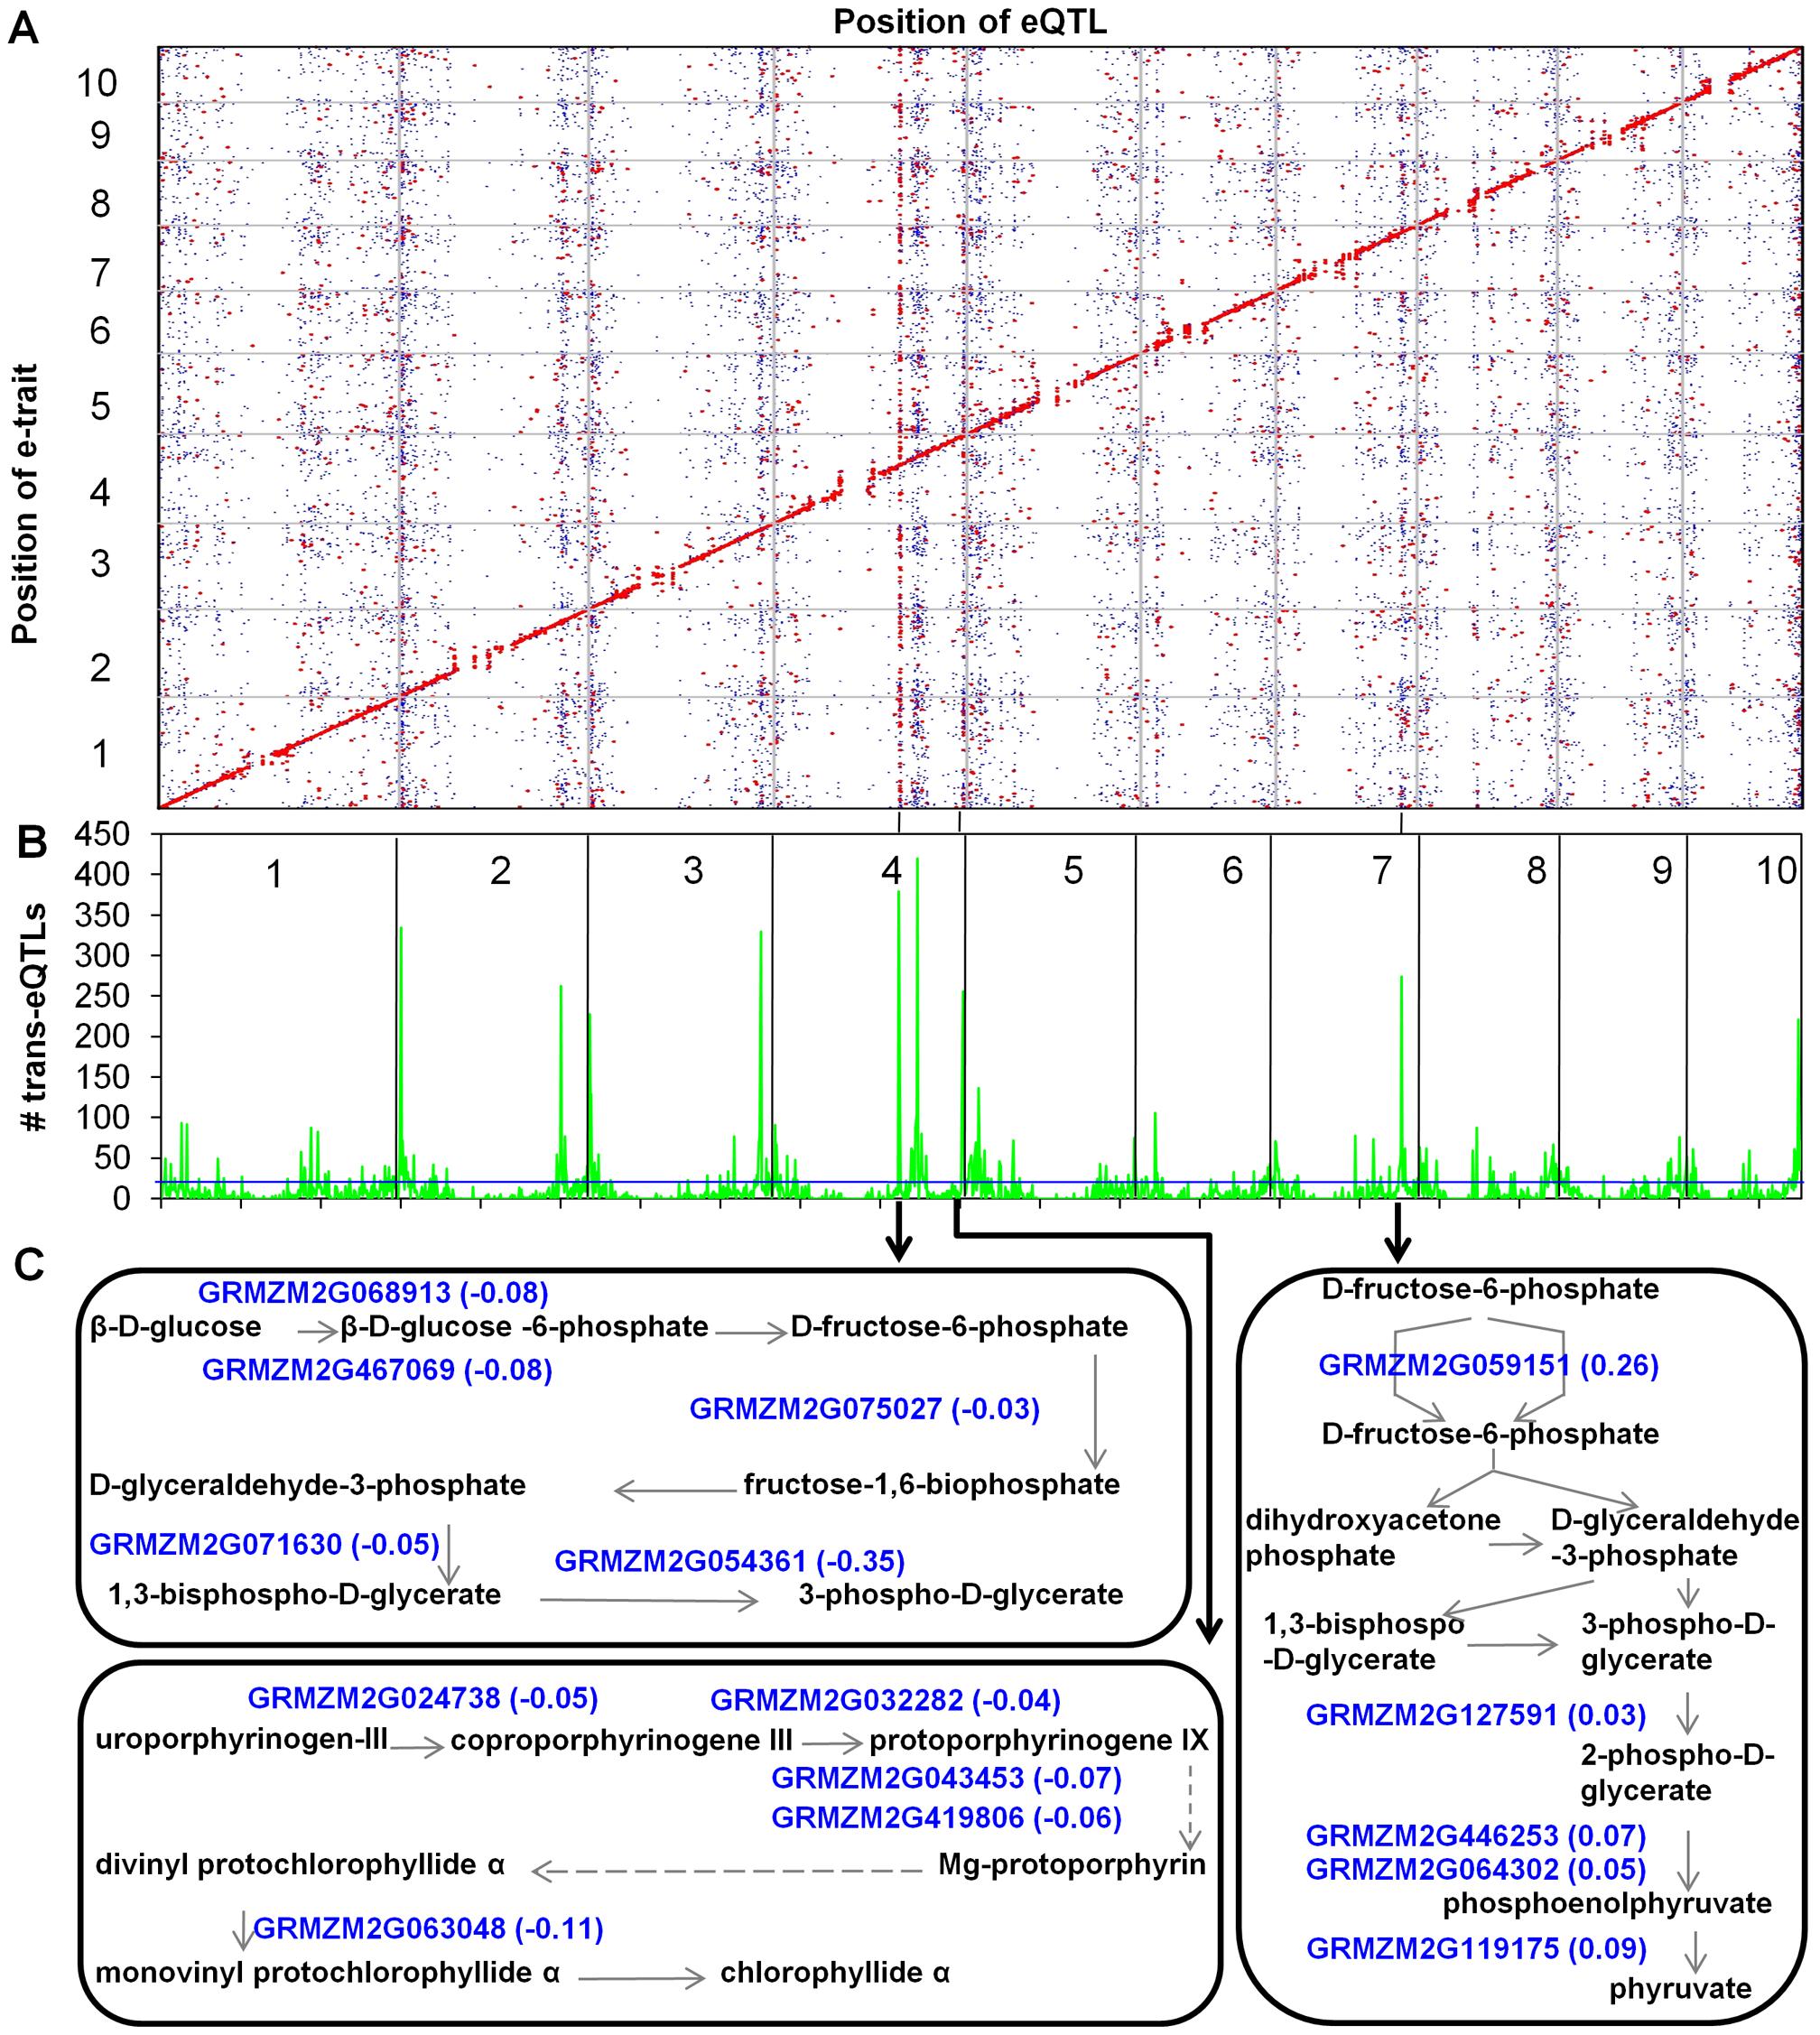 eQTL mapping, <i>trans-</i>eQTL hotspots, and pathways regulated by three <i>trans-</i>eQTL hotspots.